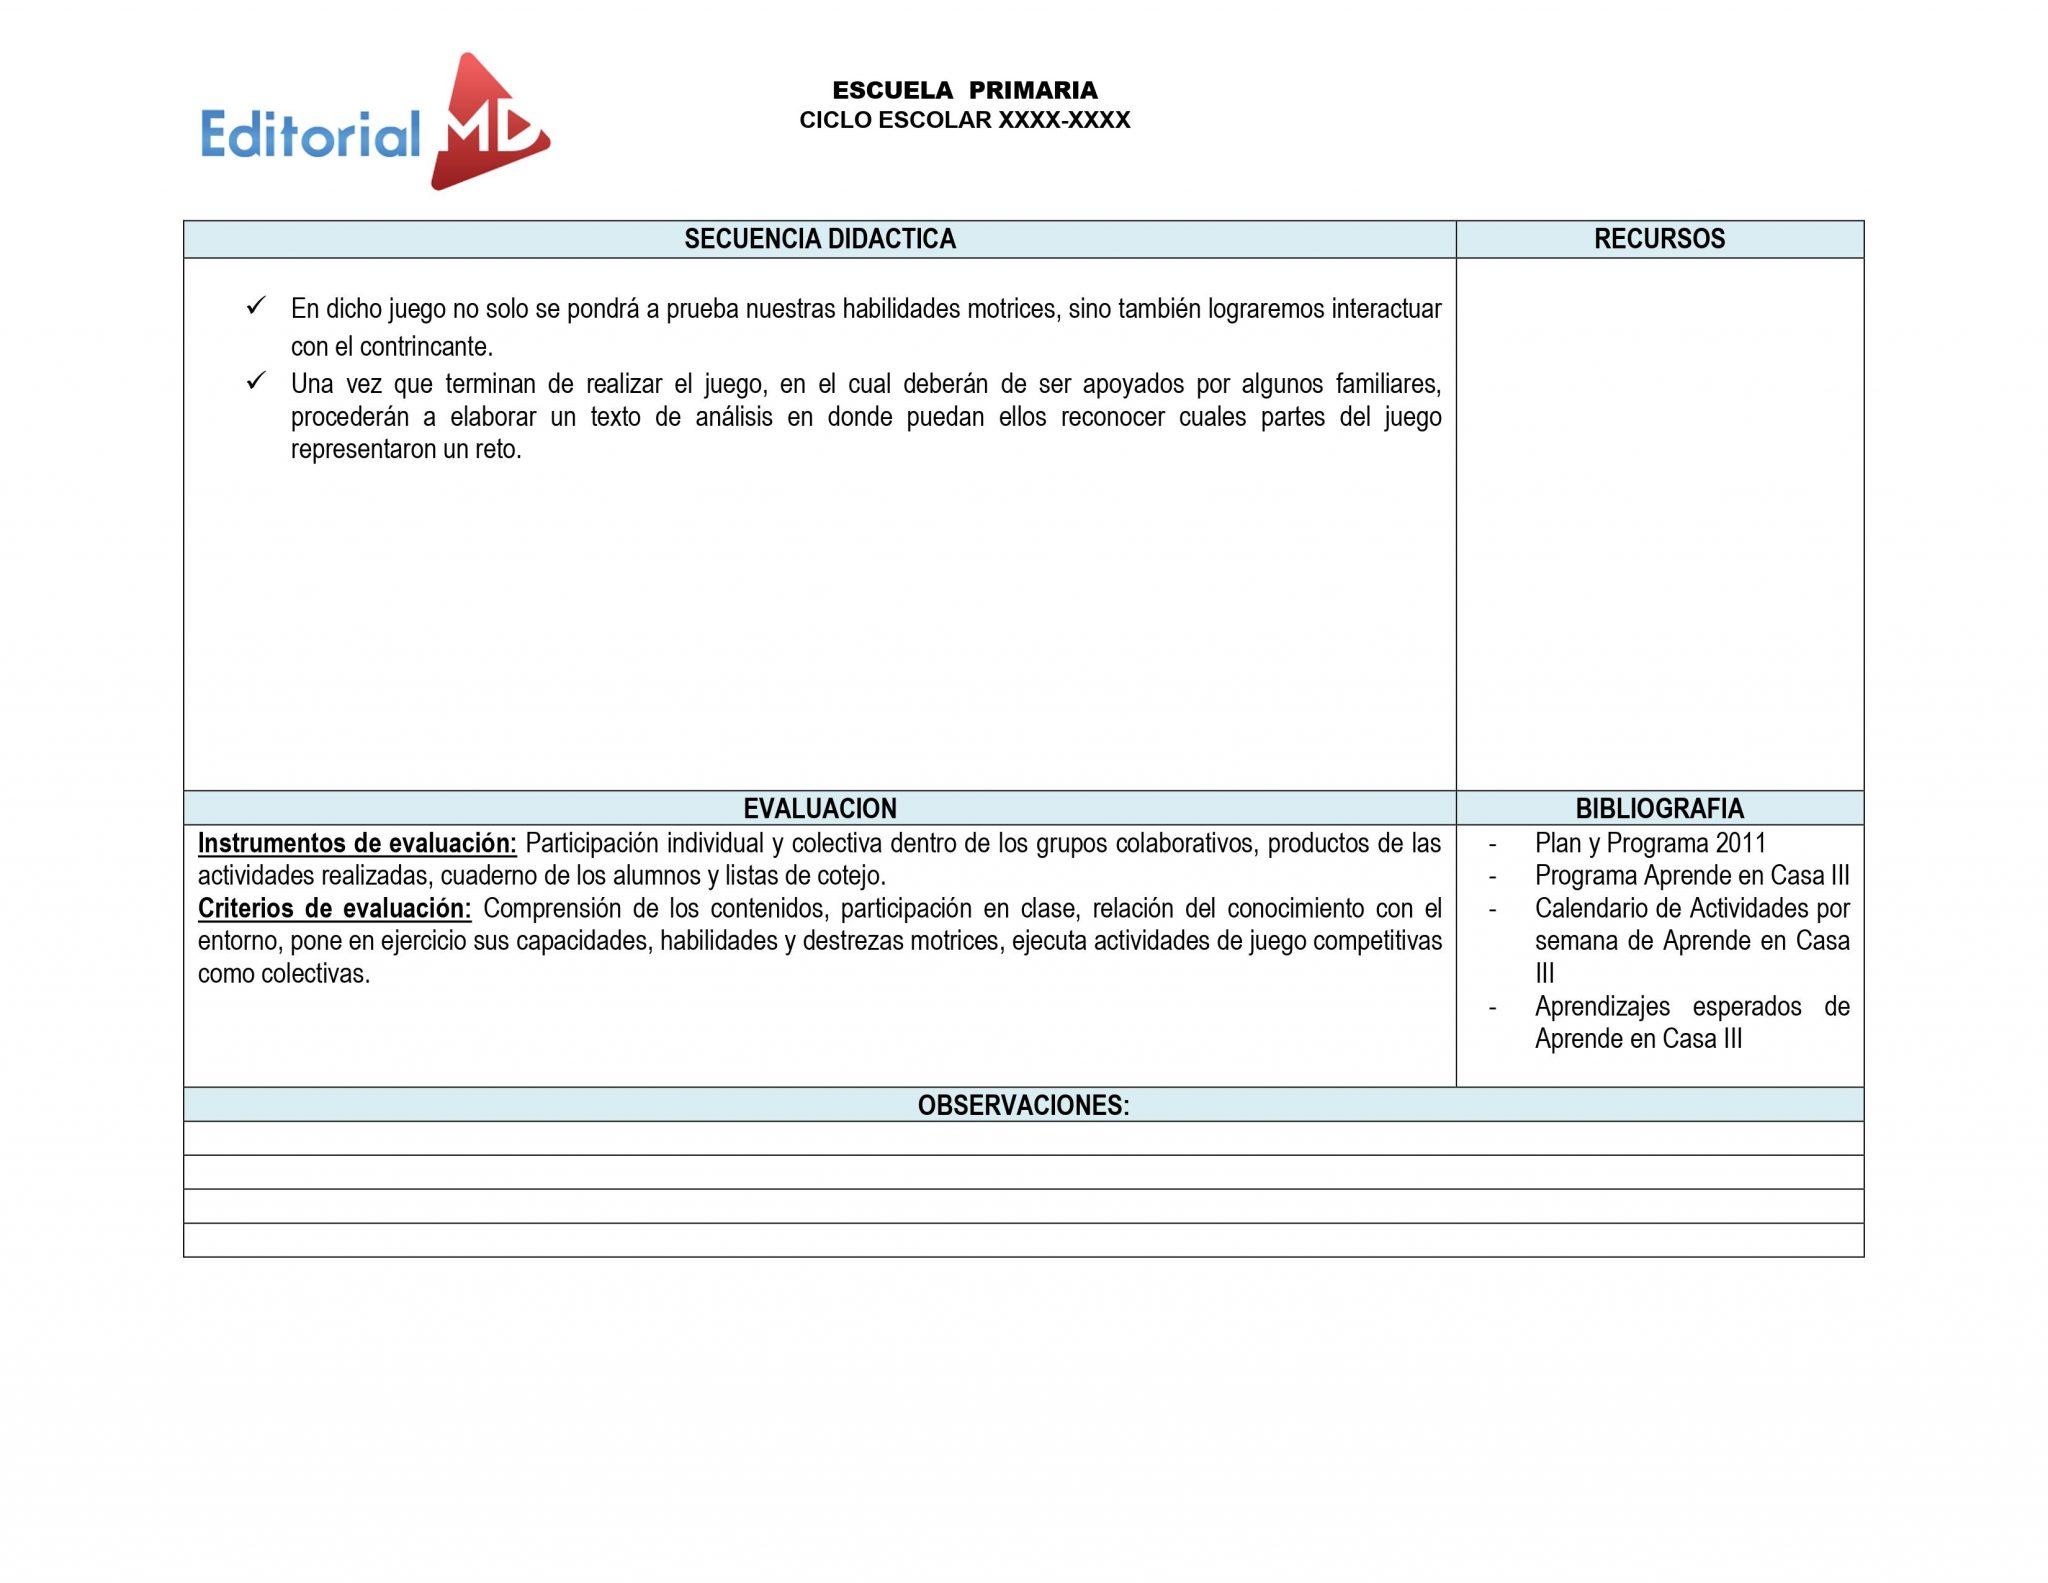 Ejemplo planeacióndel 12 al 16 de Abril del 2021 SECUENCIA DIDACTICA